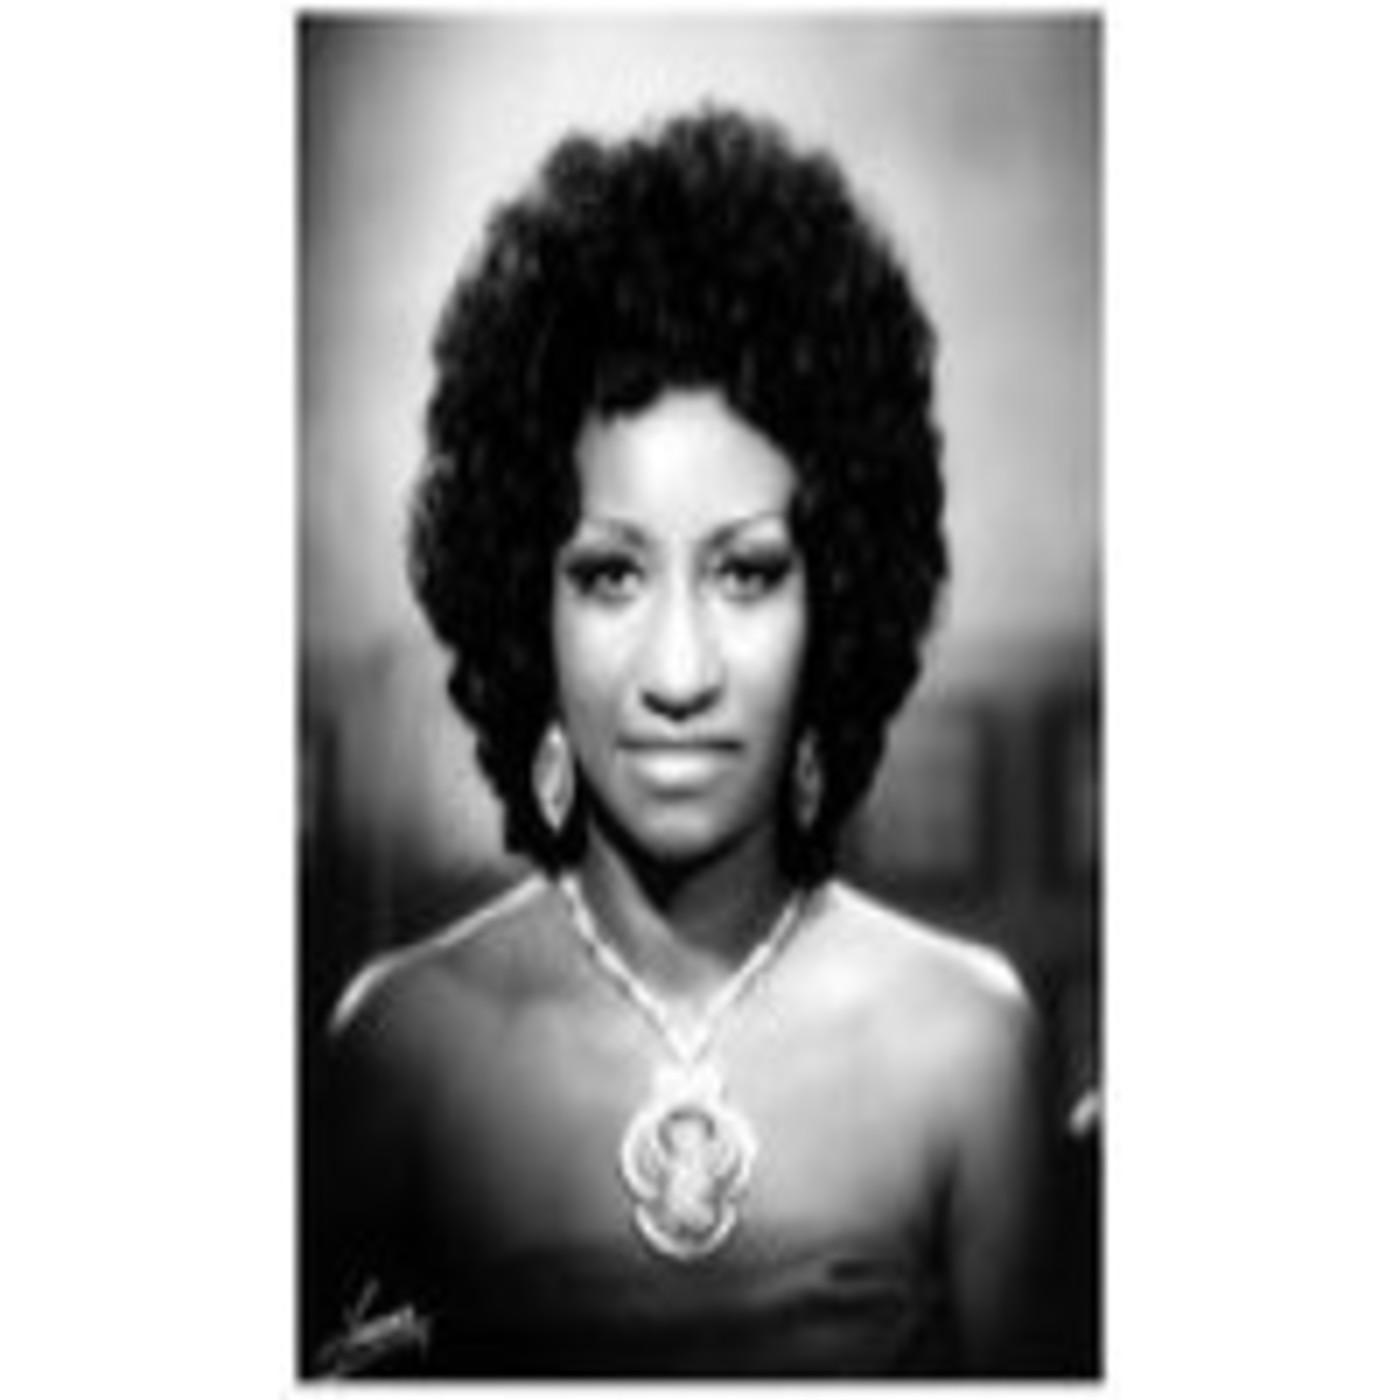 Celia Cruz - La vida es un carnaval